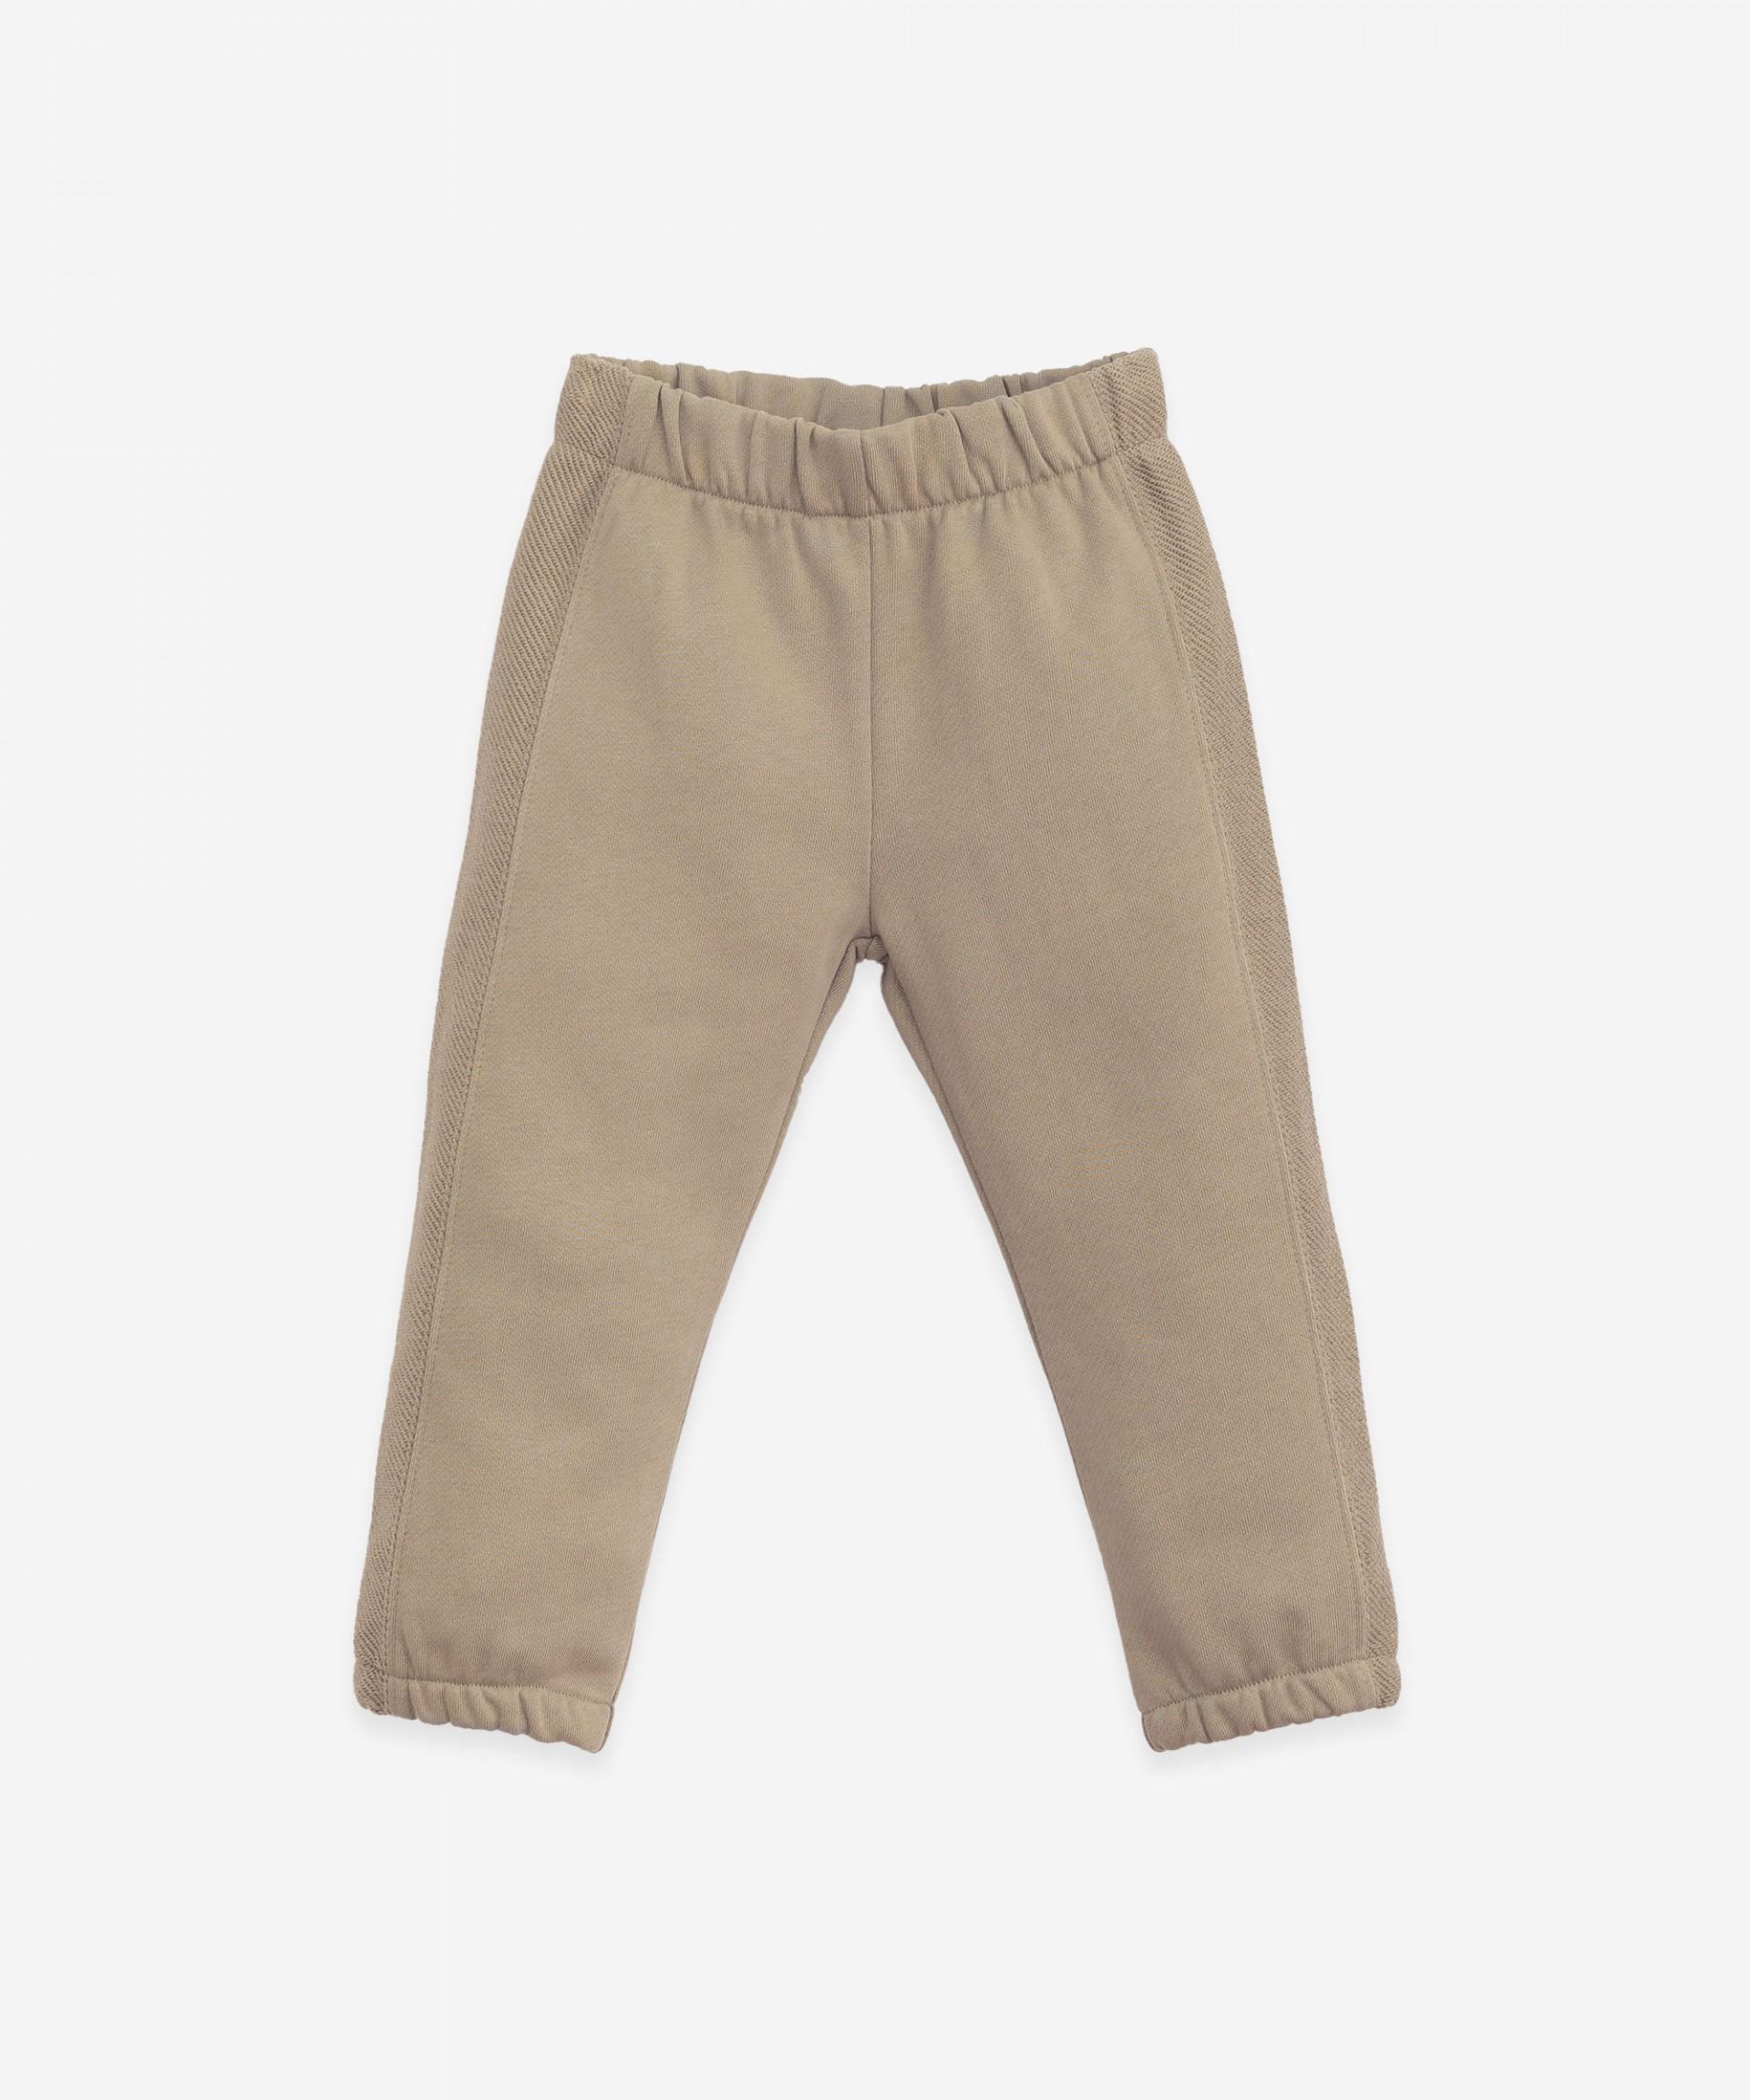 Pantalón de algodón orgánico | Botany